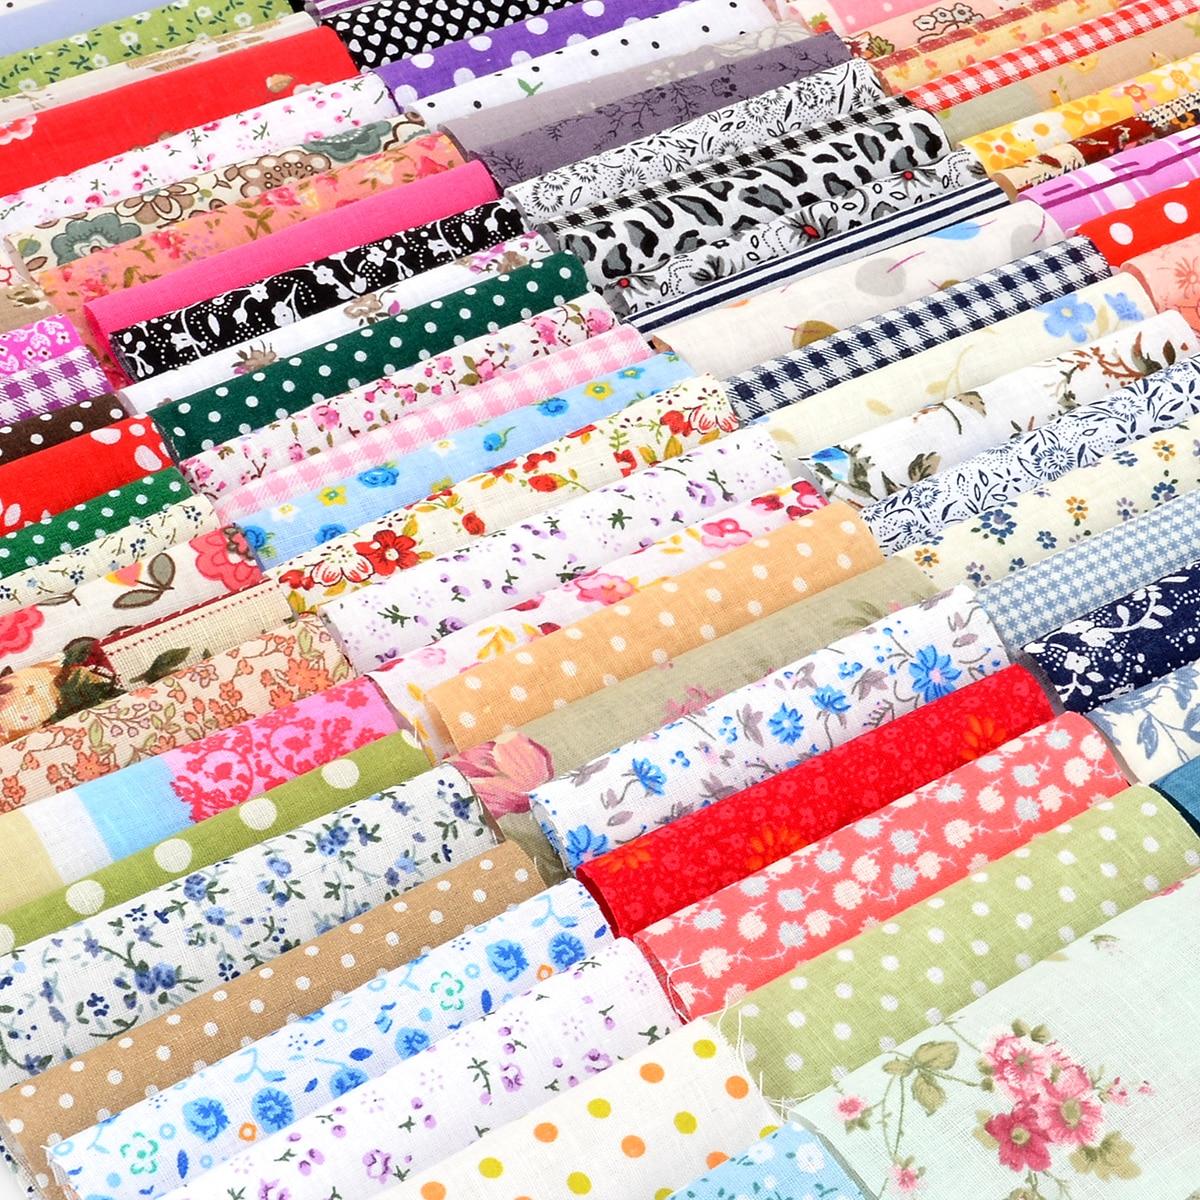 100 pçs diy costura boneca estofando retalhos sacos de pano têxtil 10x10cm quadrado floral algodão tecido artesanato